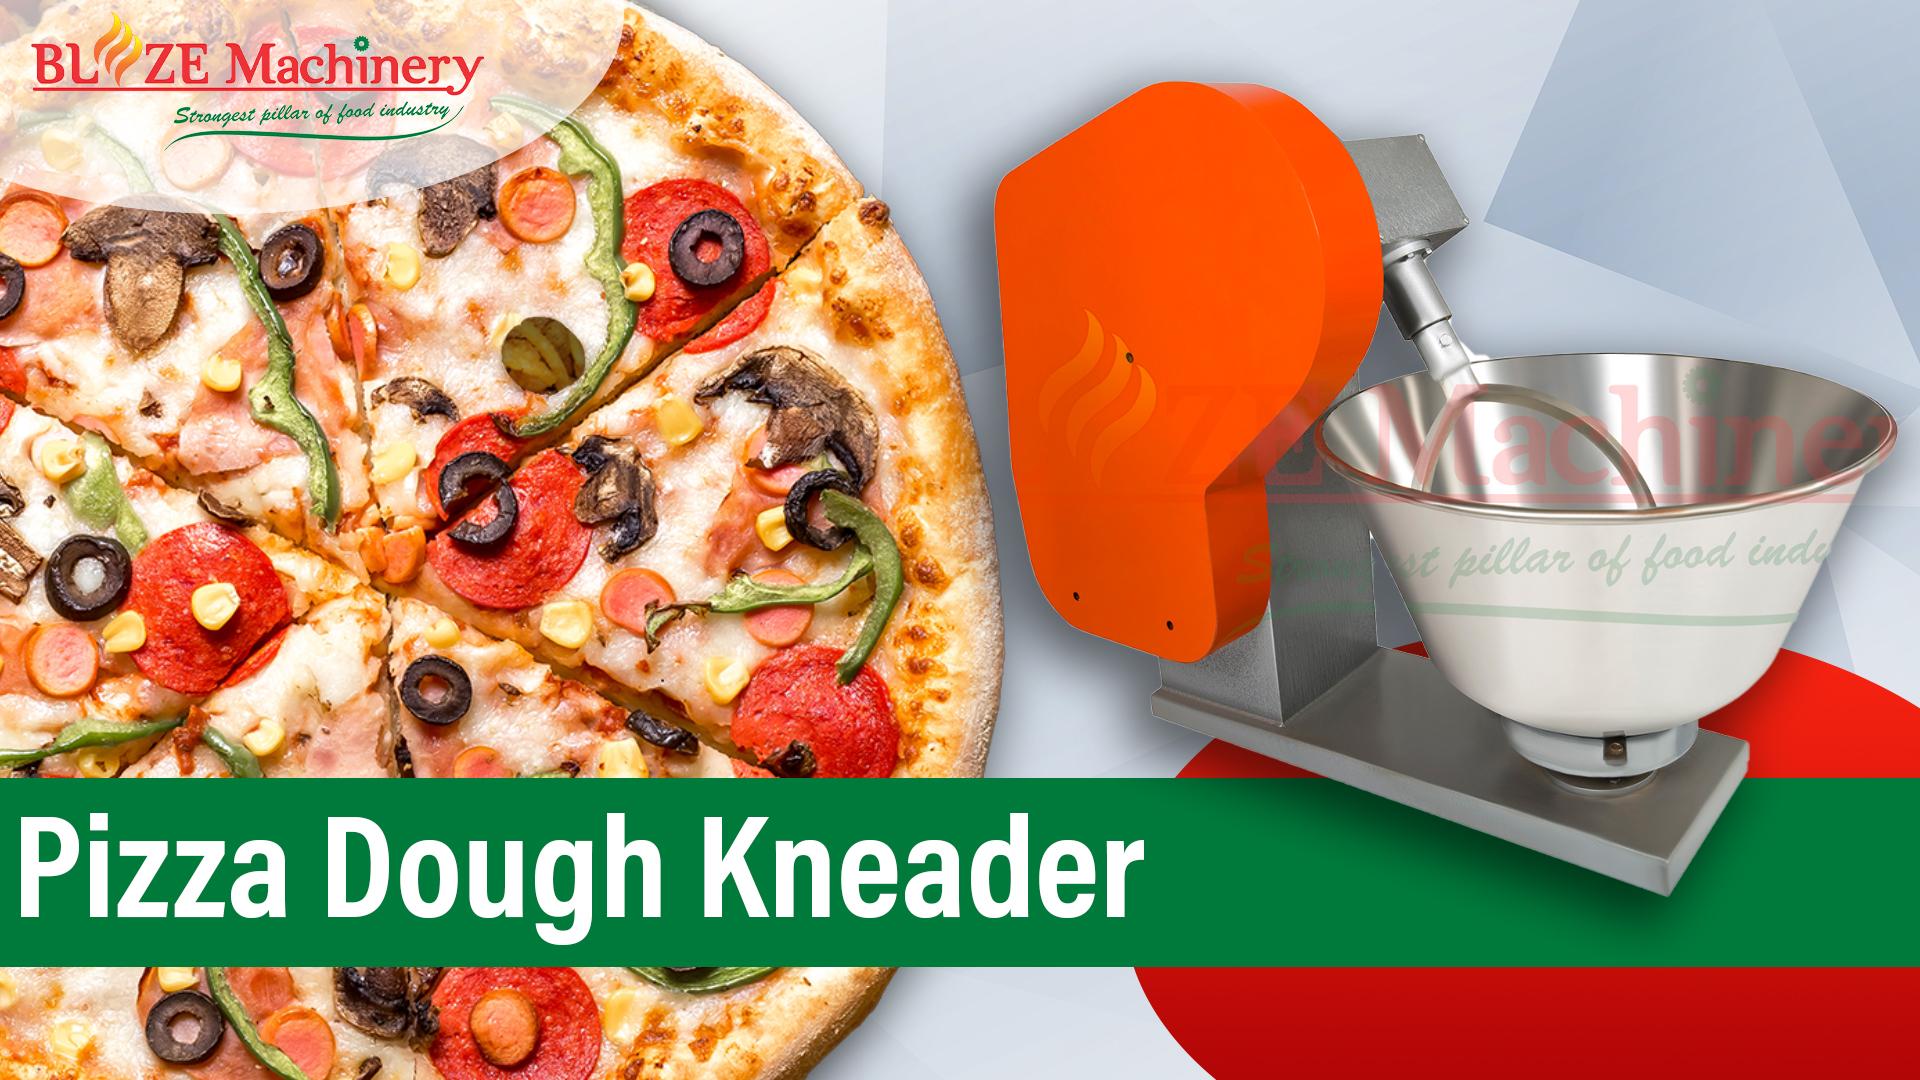 Pizza Dough Kneader